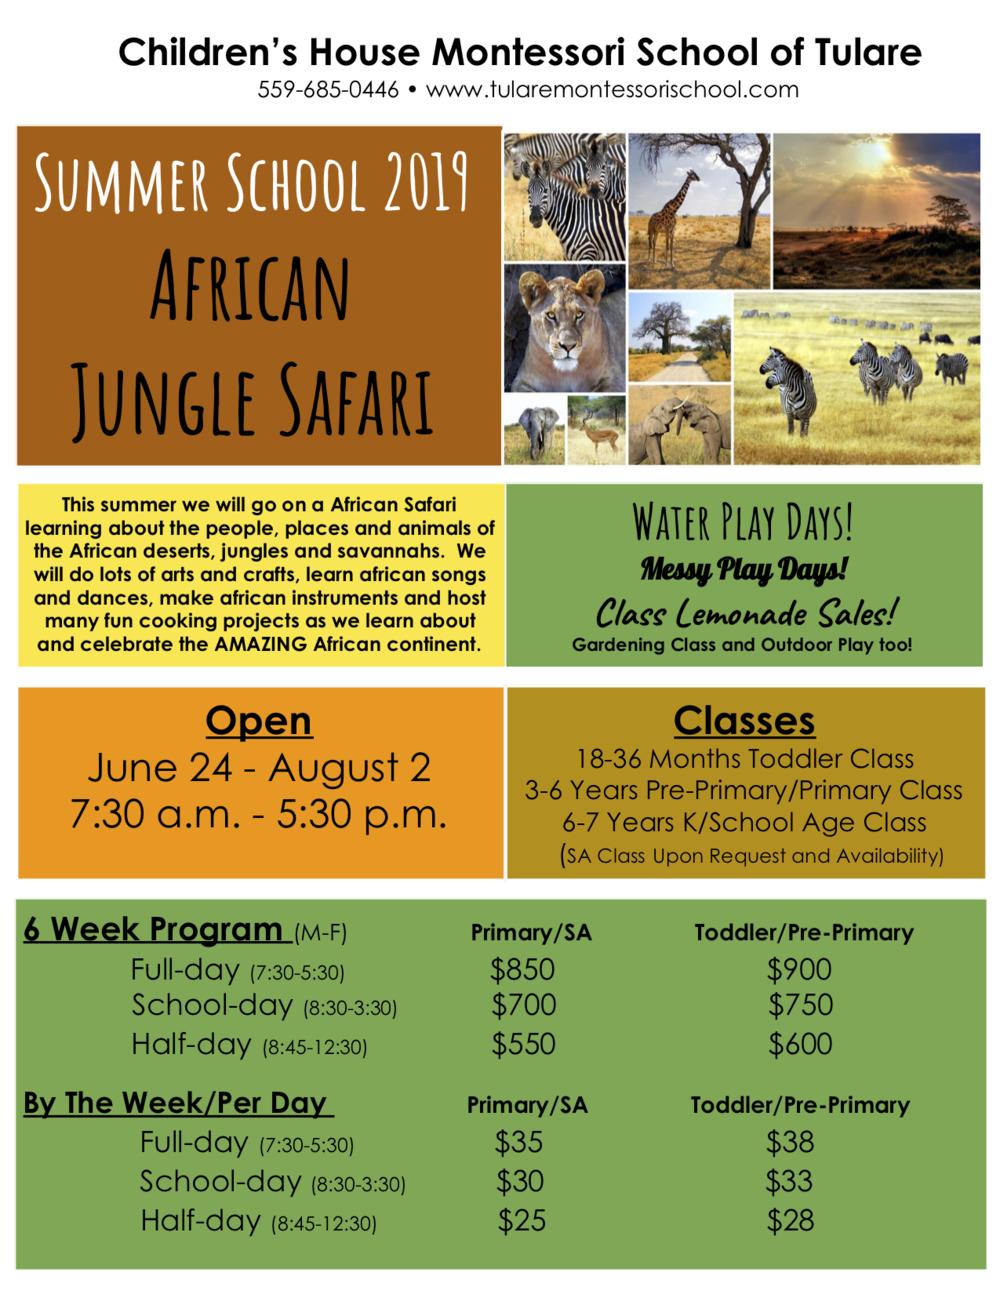 Summer School Flyer 2019.png